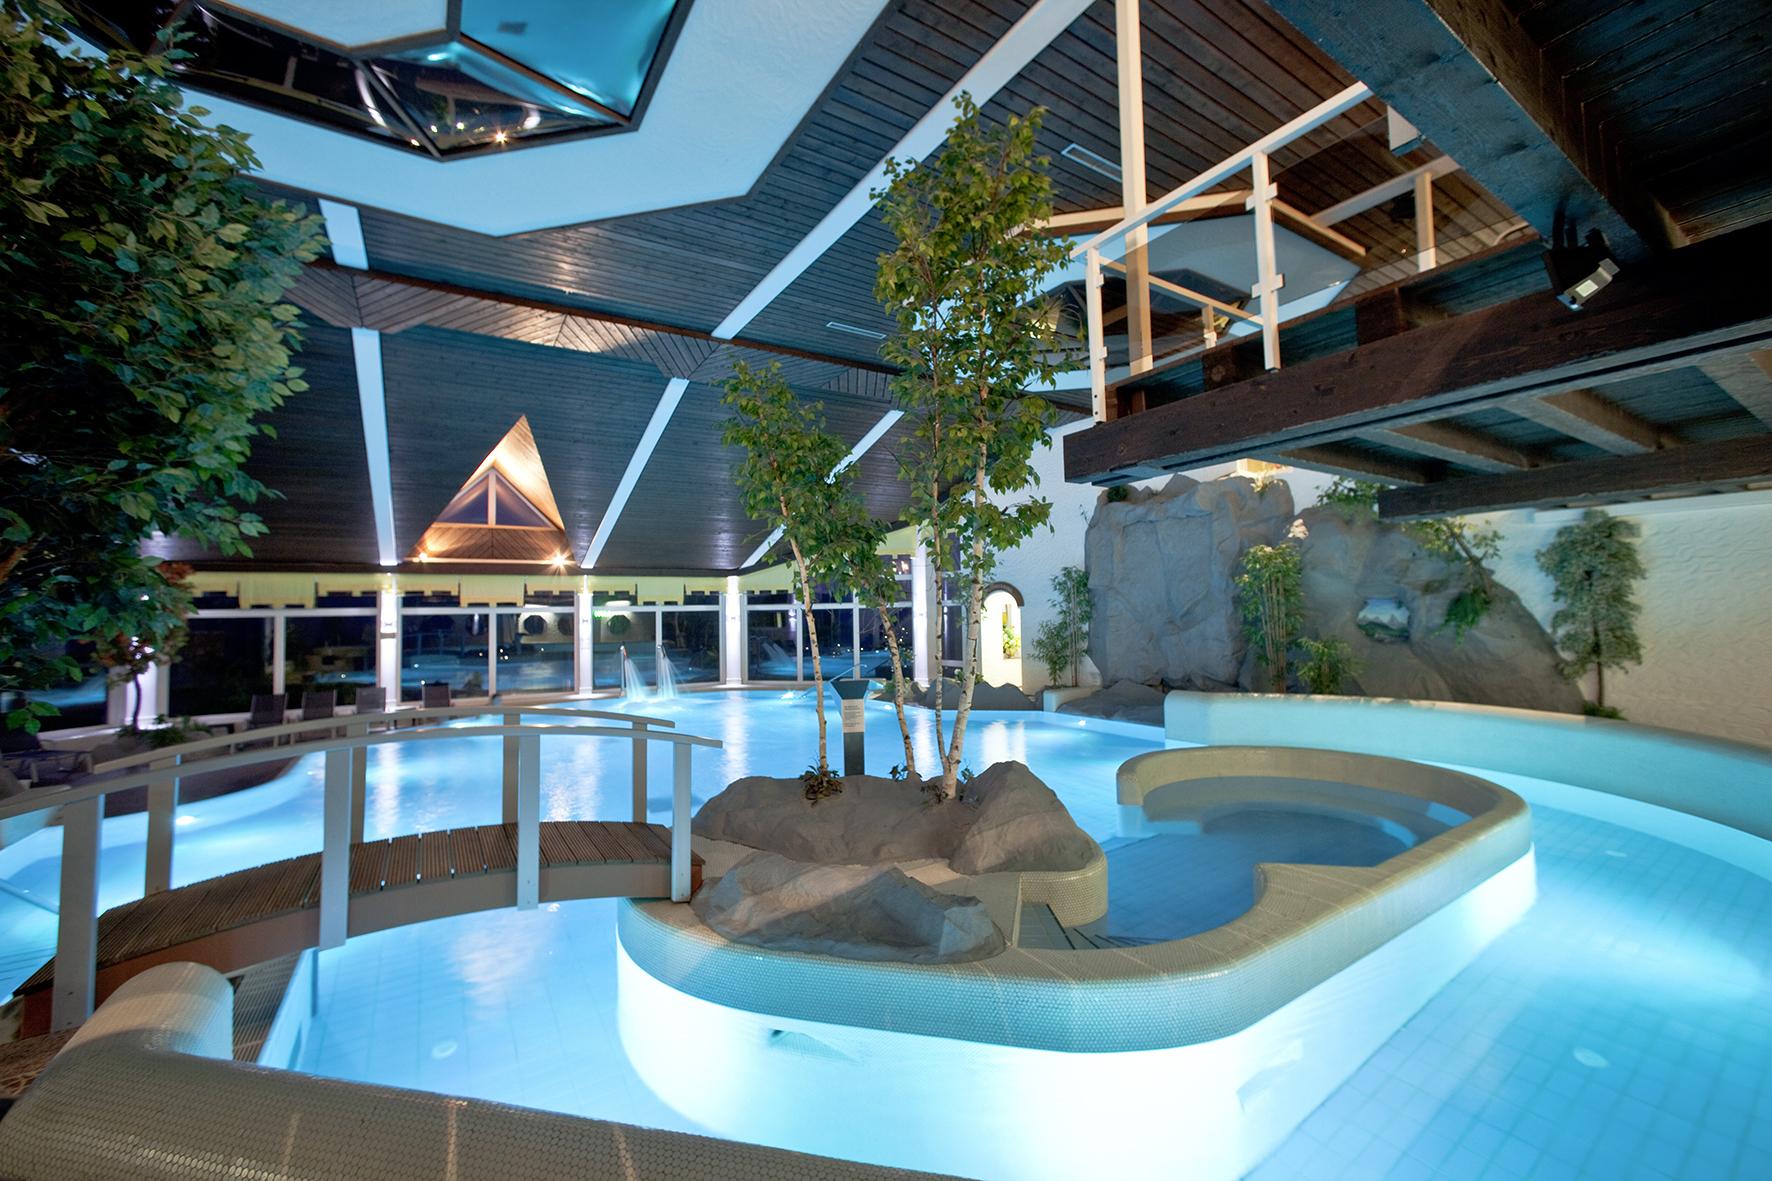 G bel s hotel rodenberg wellnesshotel rotenburg fulda for Hotel mit whirlpool im zimmer hessen